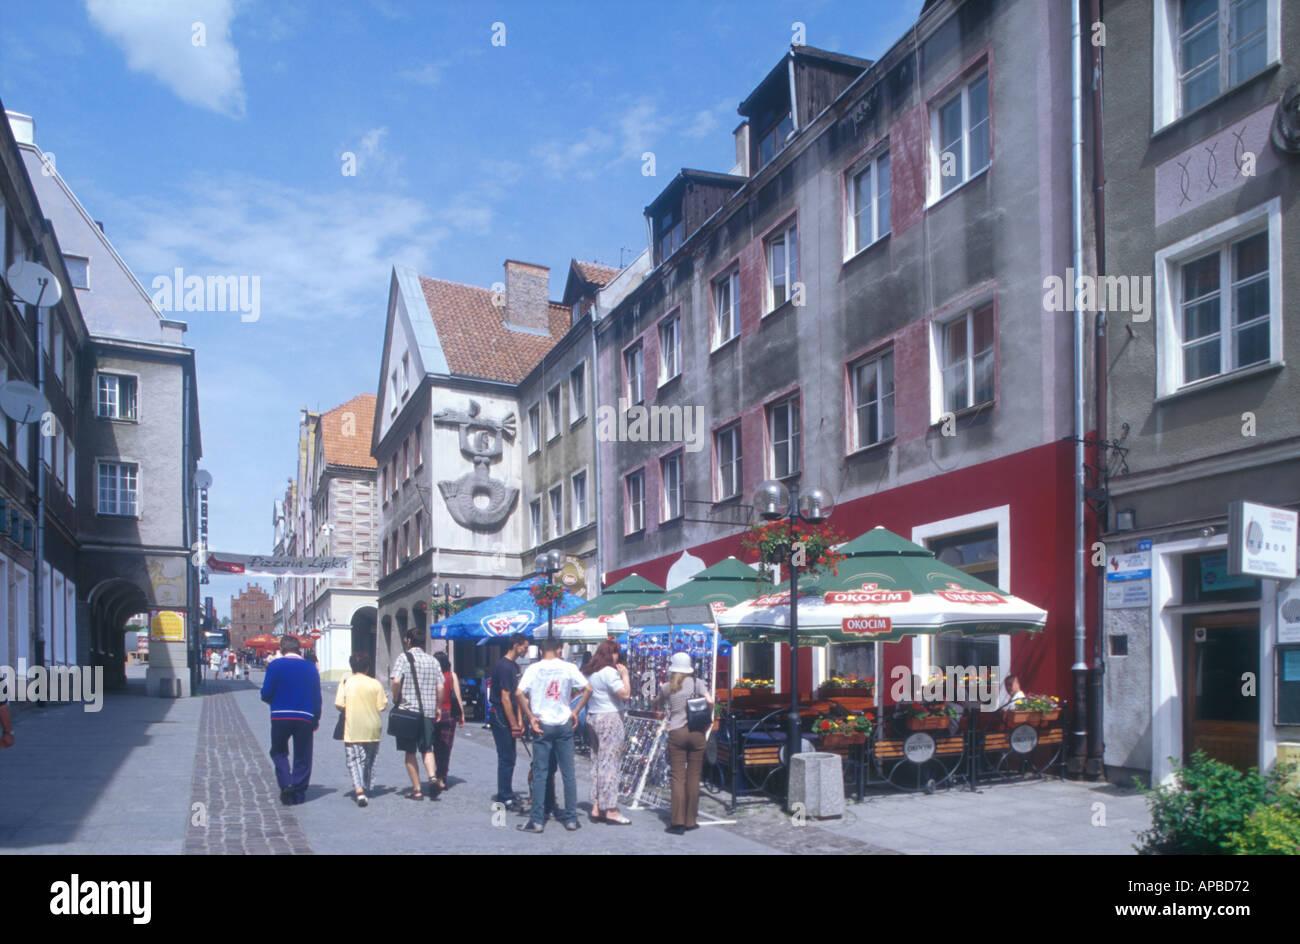 people on th lane old town centre Olsztyn Mazuria Poland  - Stock Image